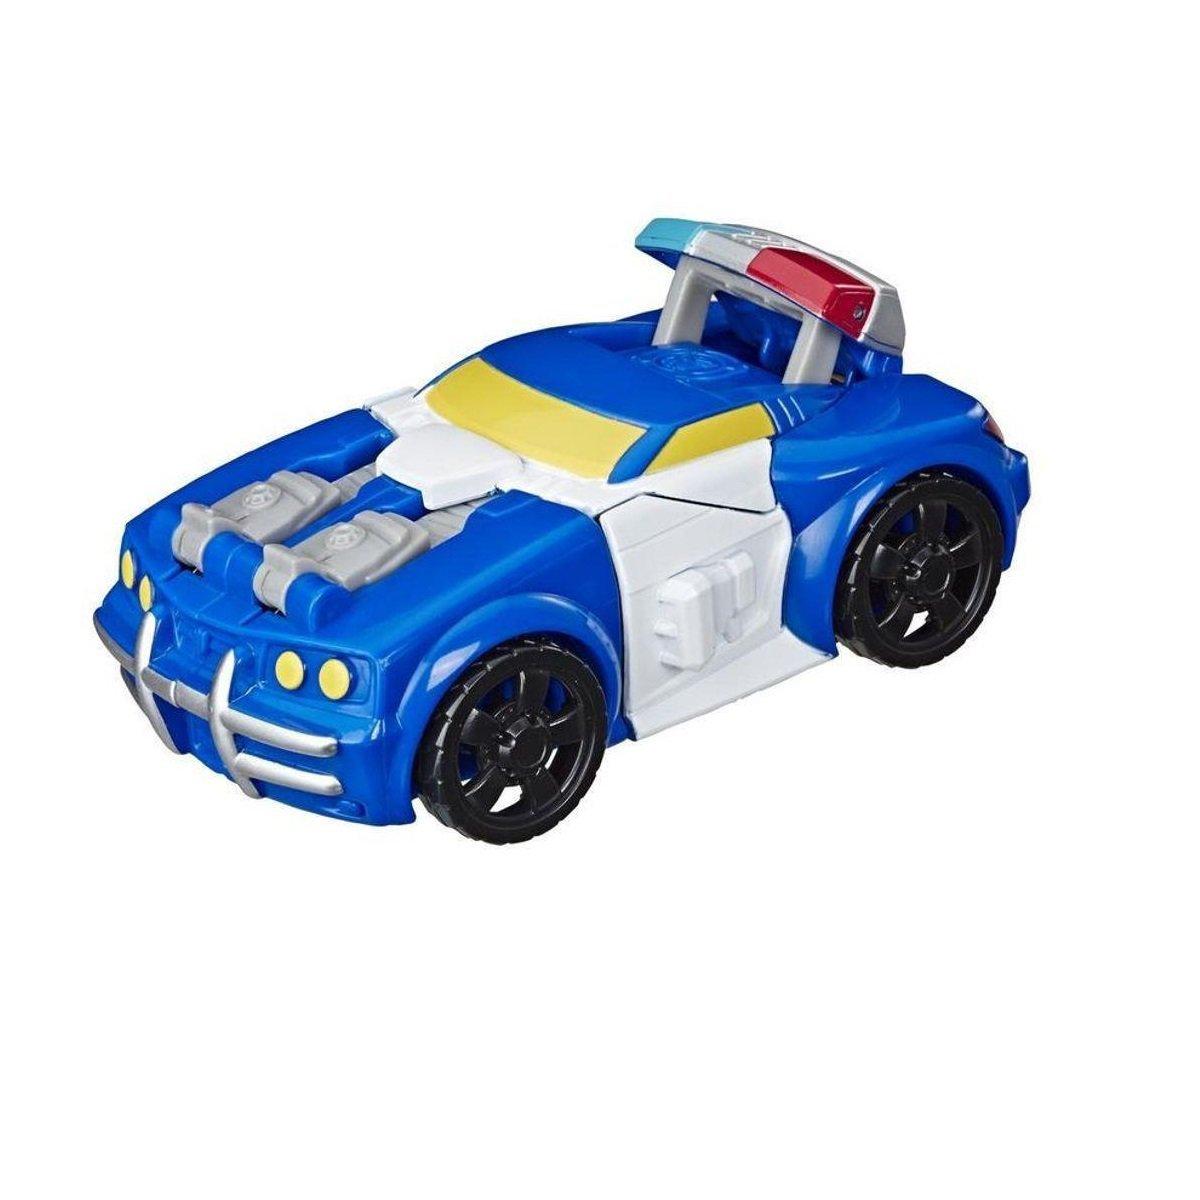 Transformers Rescue Bots Academy Chase O Robô Policial - Hasbro E5693